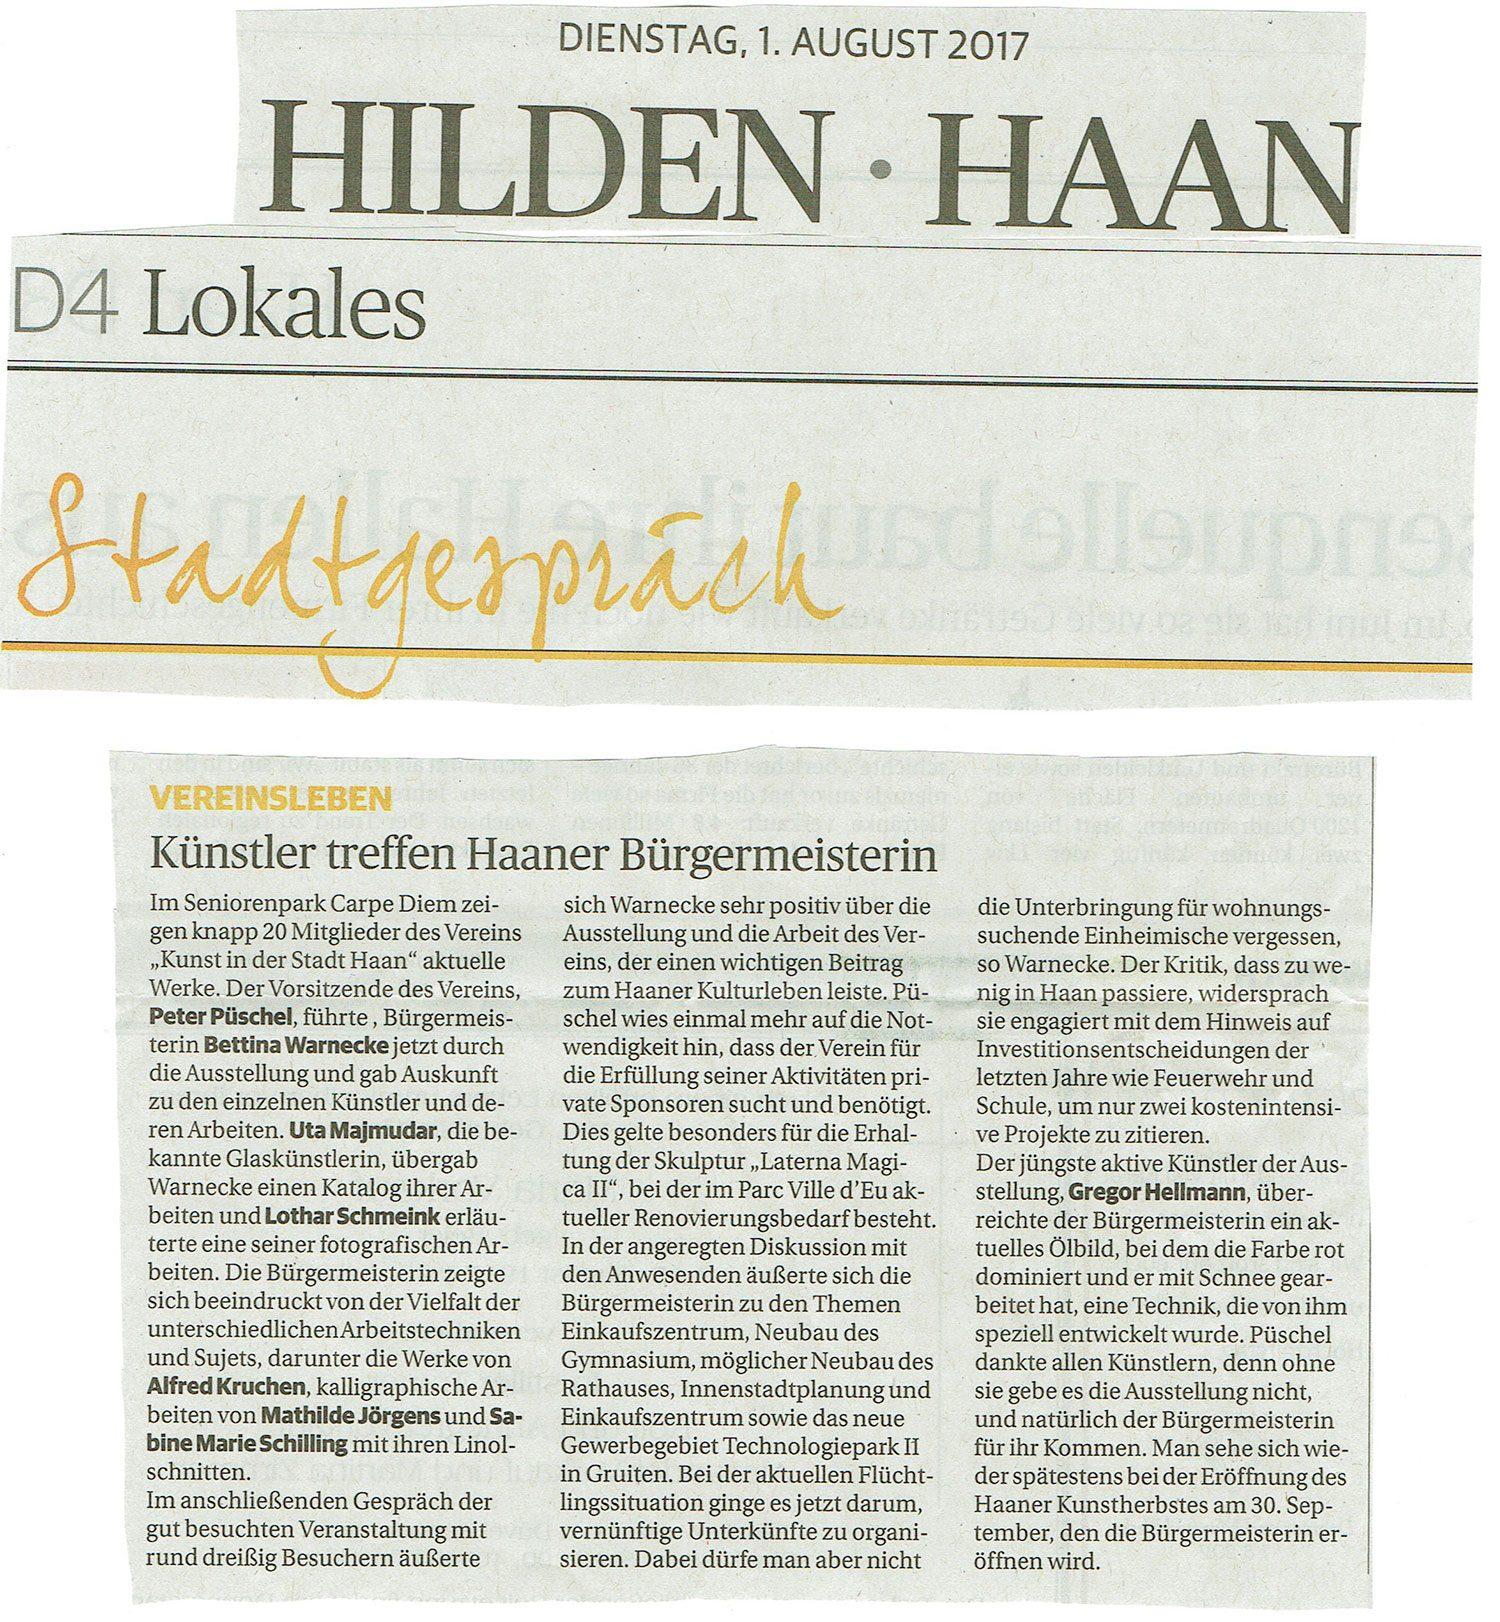 http://www.kunst-in-der-stadt-haan.de/wp-content/uploads/2017/08/Stadtgespräch-1500x1622.jpg